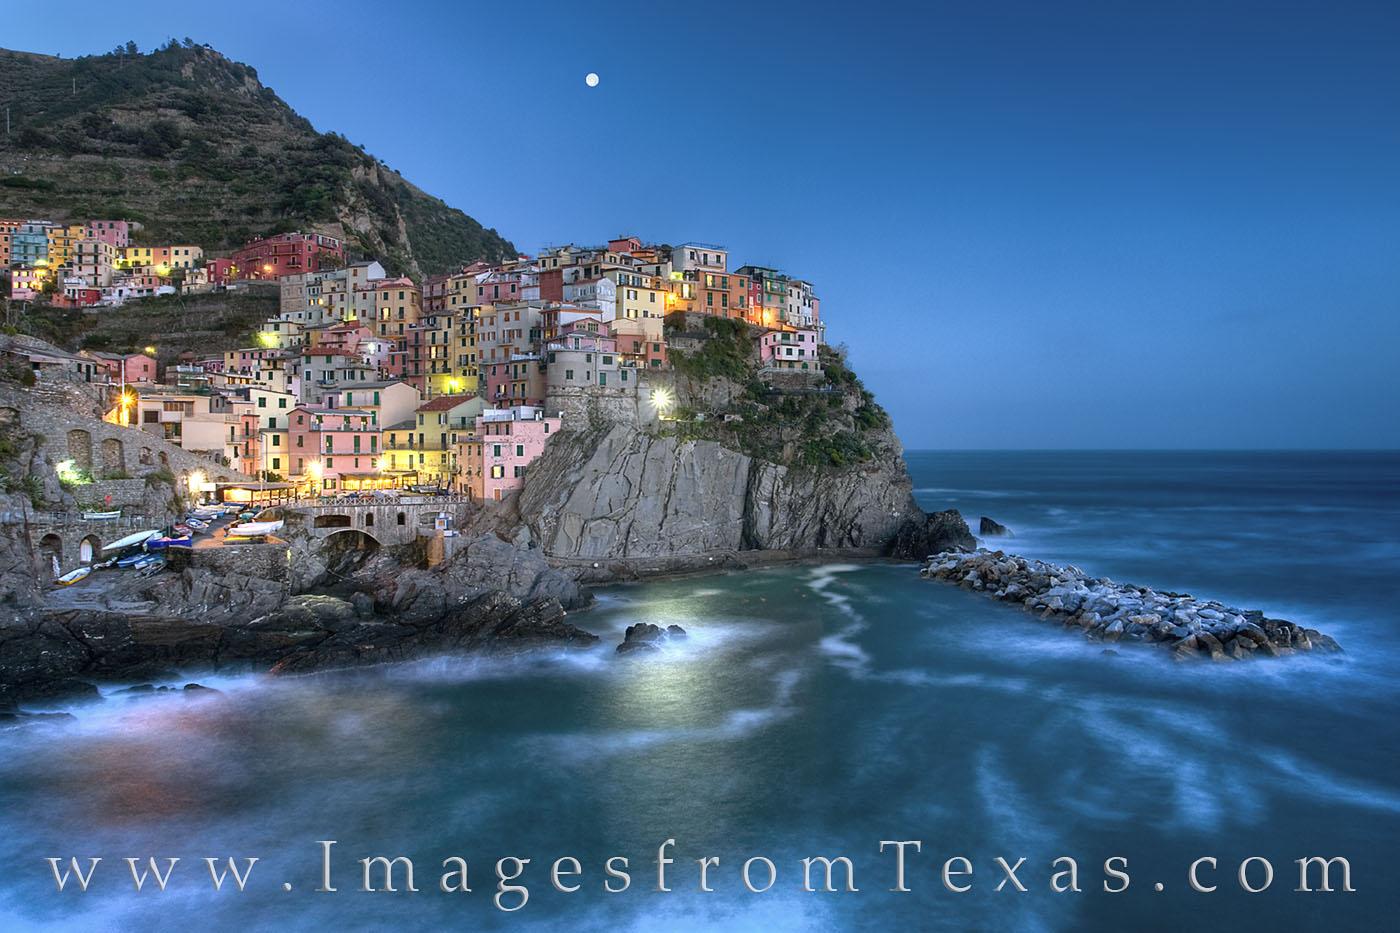 cinque terre, italy, manarola, ligurian sea, coast, cliffs, ocean, night, moon, village, photo